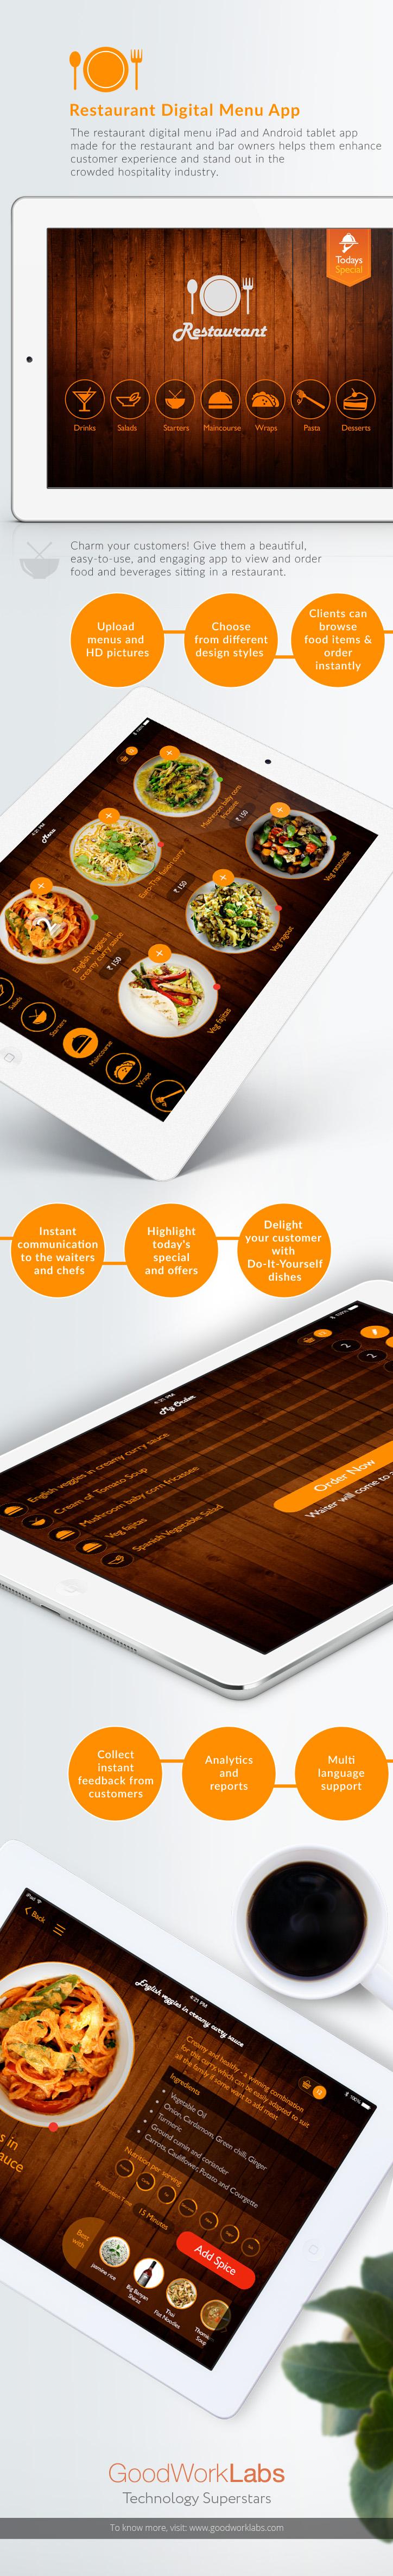 Restaurant digital menu ipad android tablet app